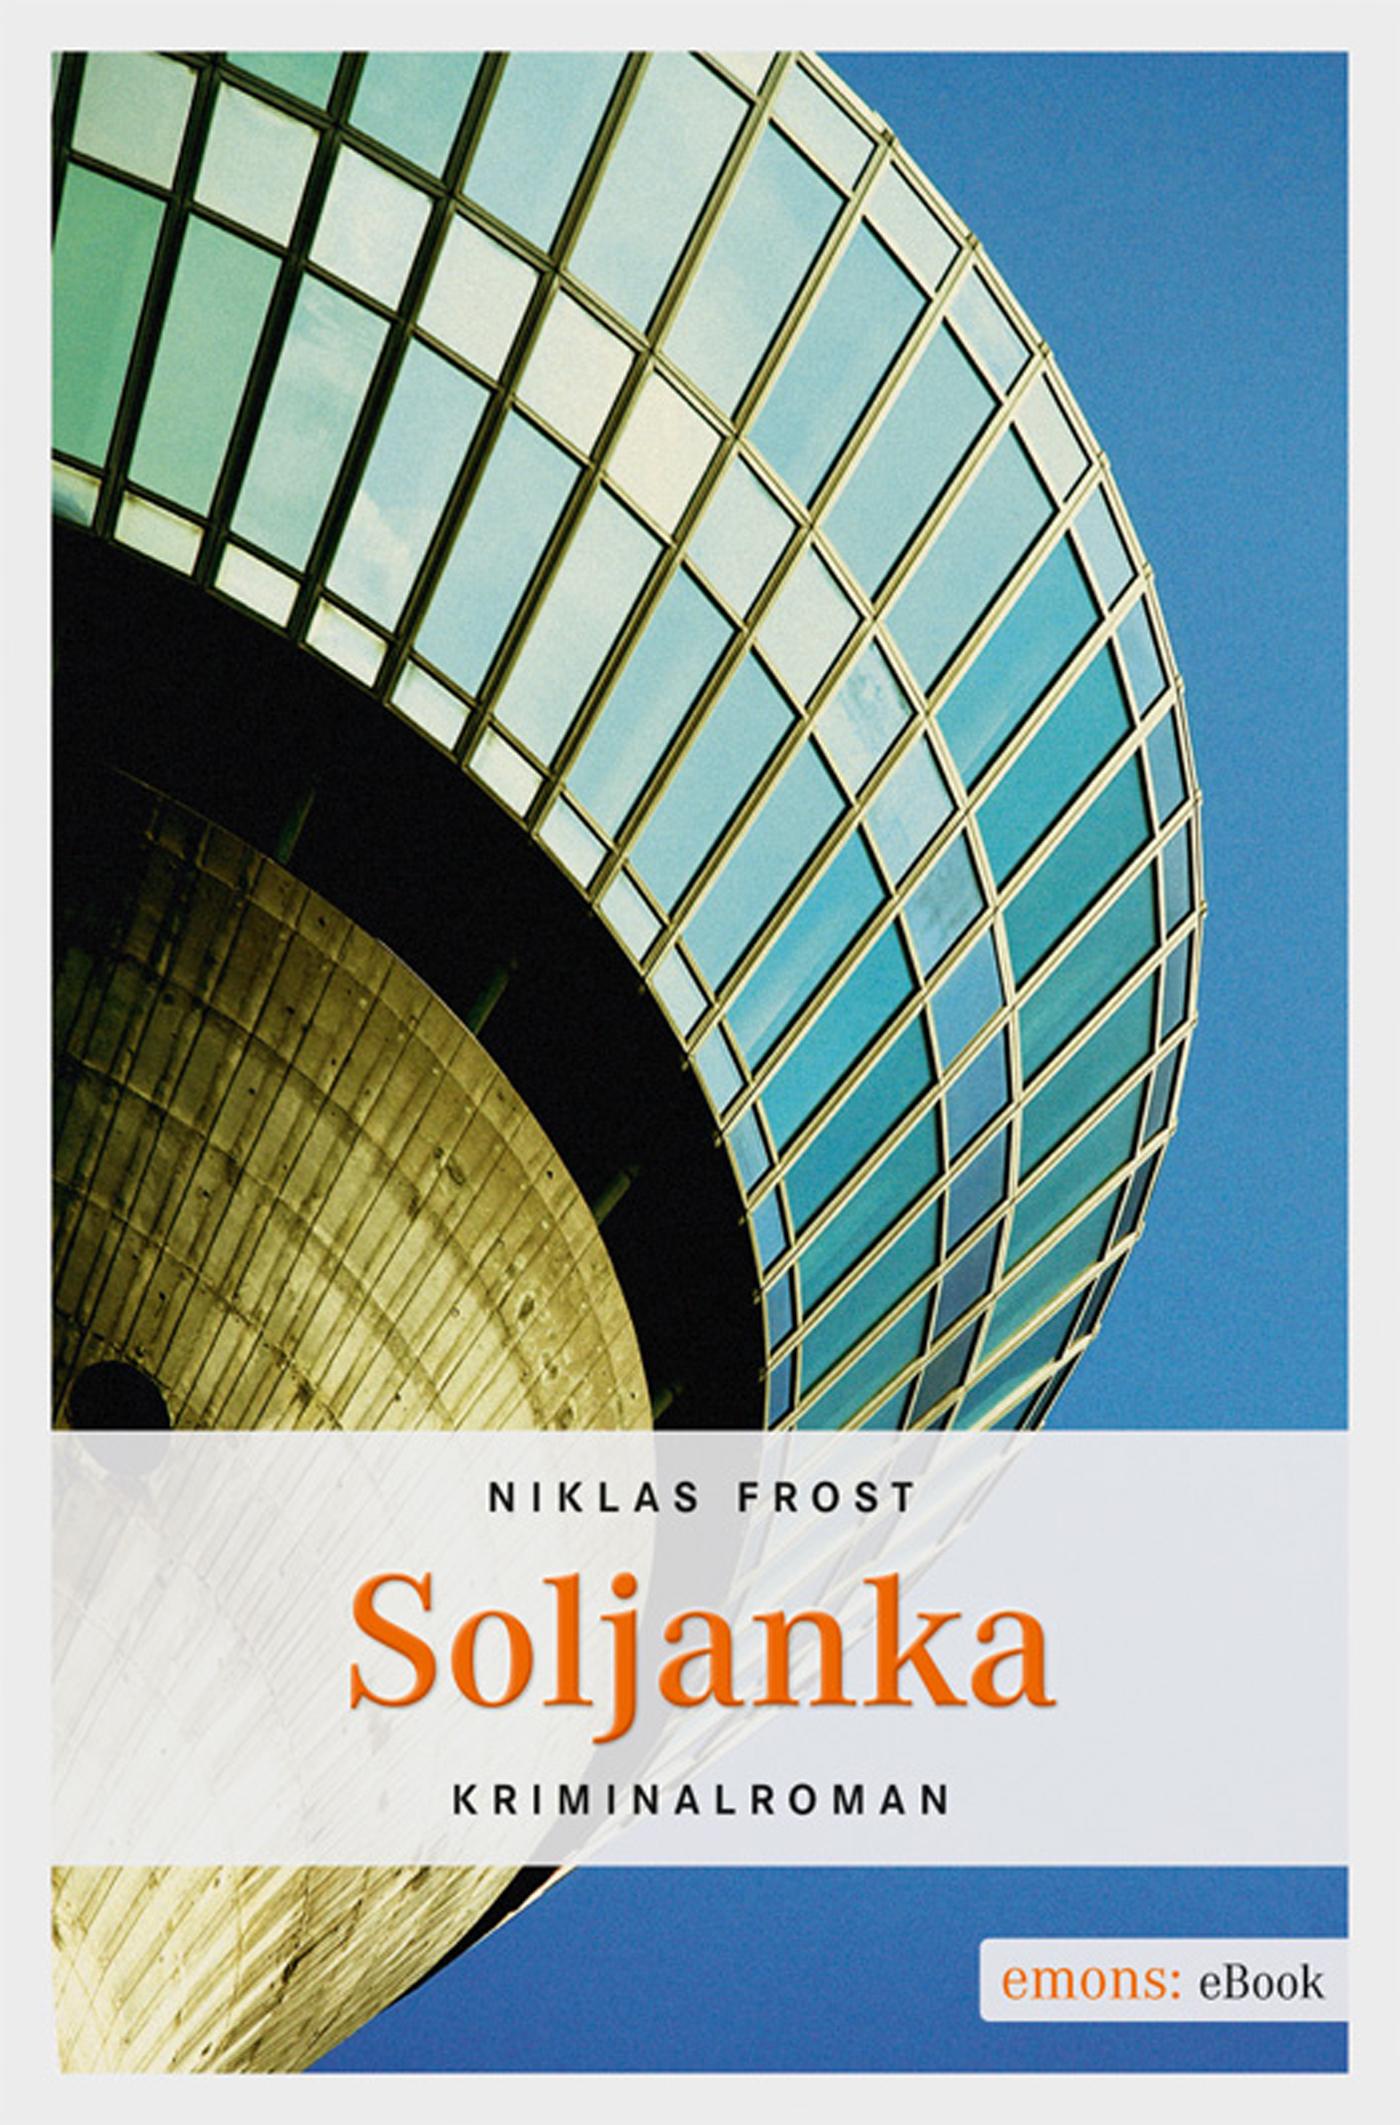 цена на Niklas Frost Soljanka